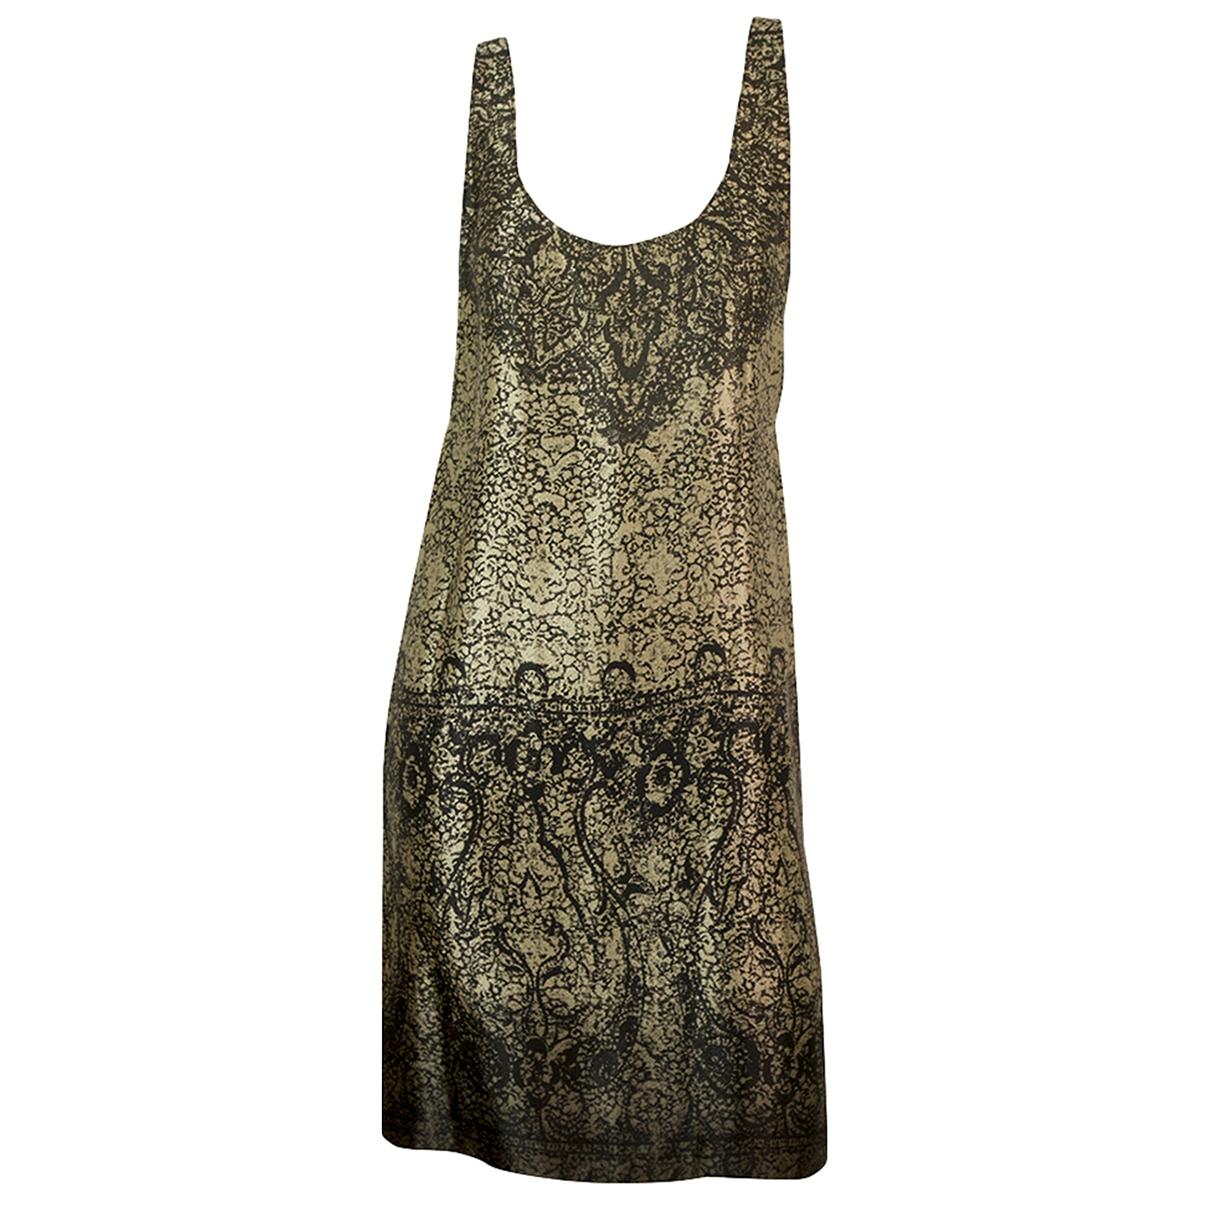 Juicy Couture - Robe   pour femme en soie - multicolore